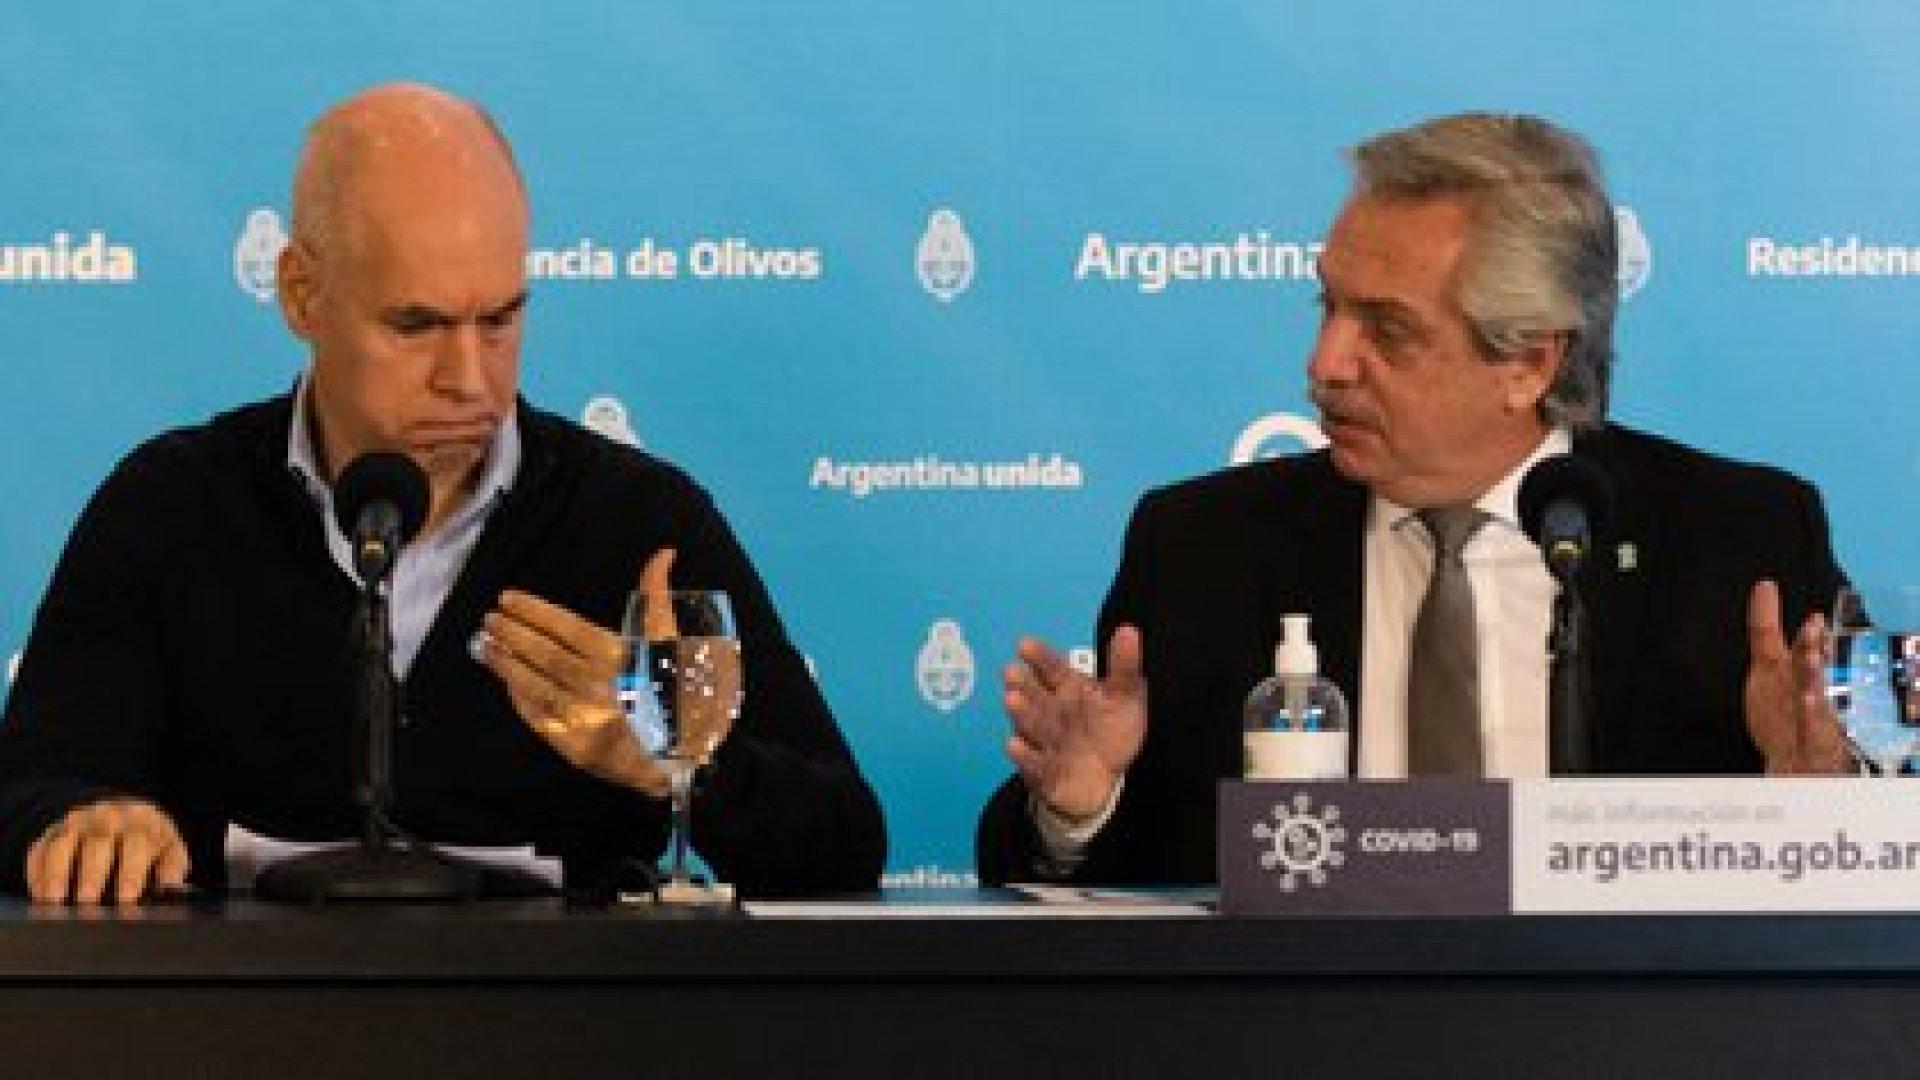 Alberto Fernández y Horacio Rodríguez Larreta en la quinta presidencial de Olivos